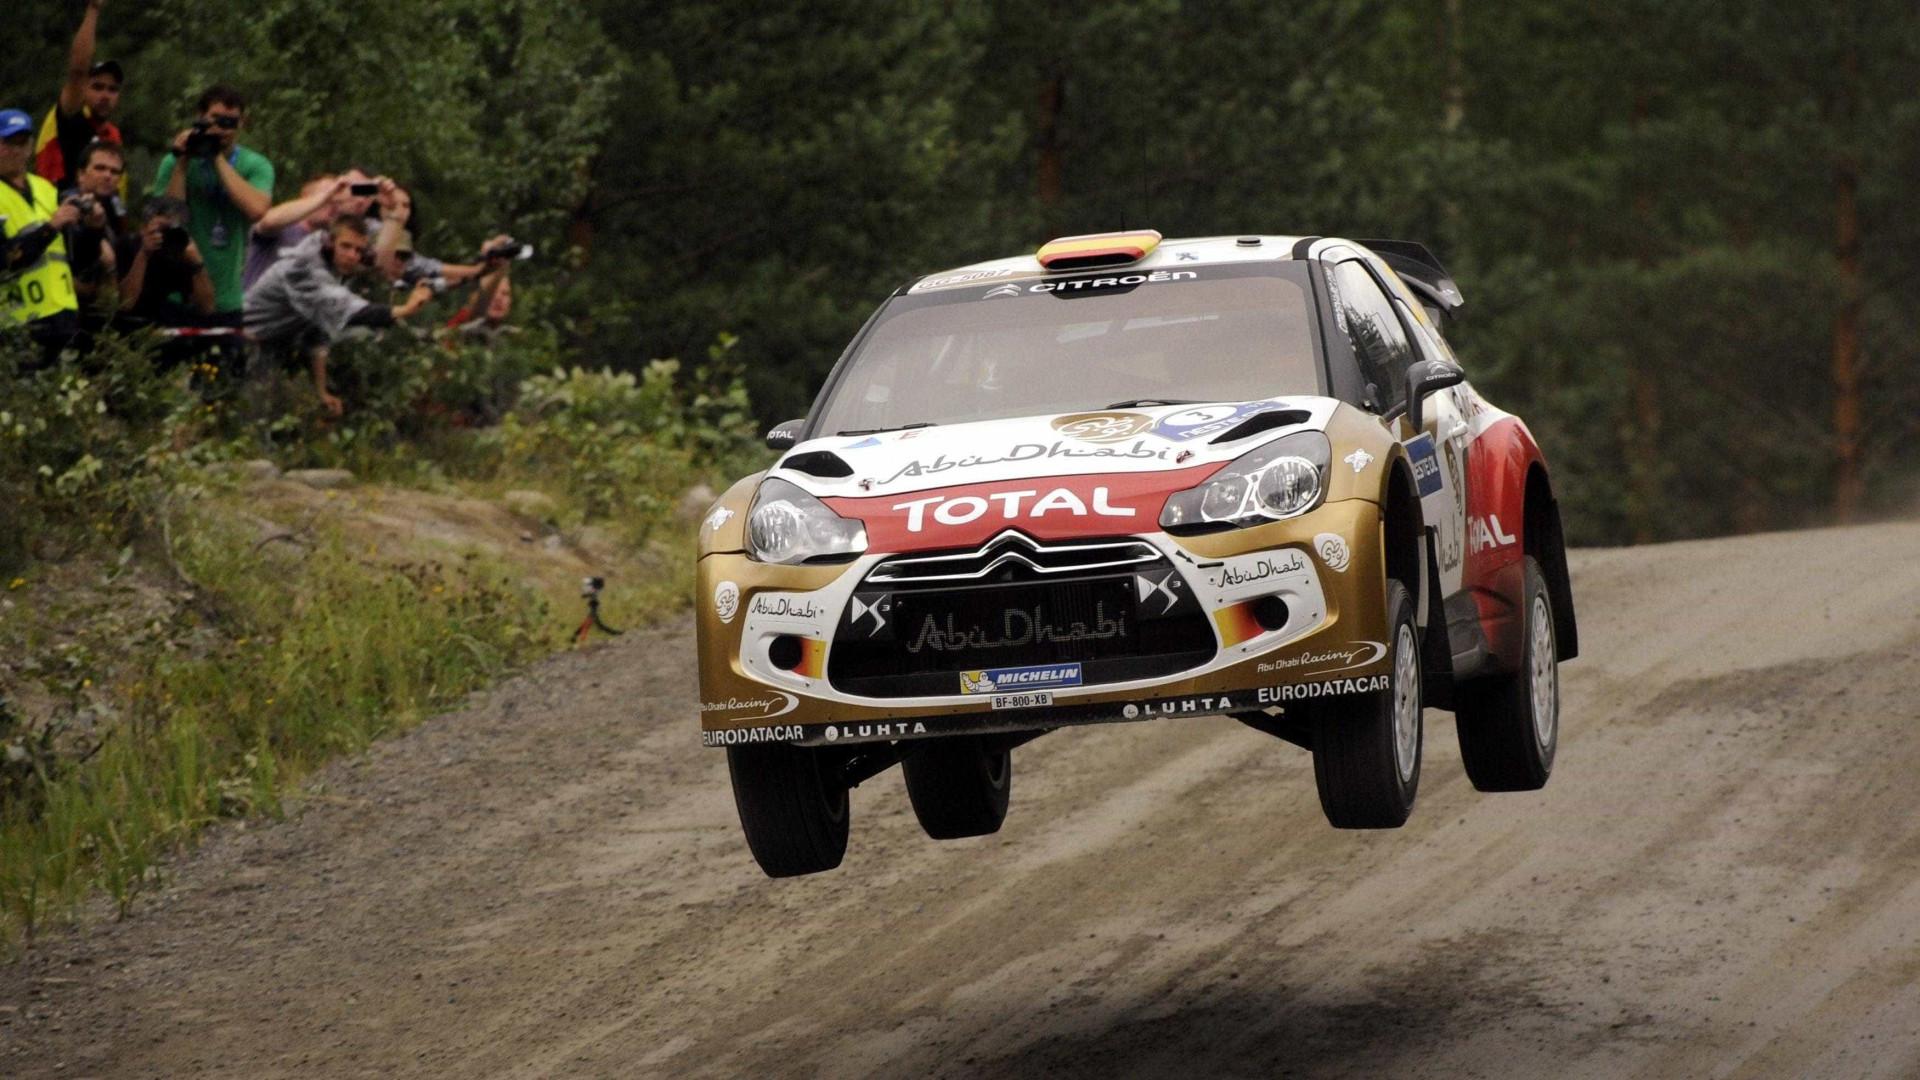 Vai ao Rally de Portugal? Aqui estão os conselhos da PSP